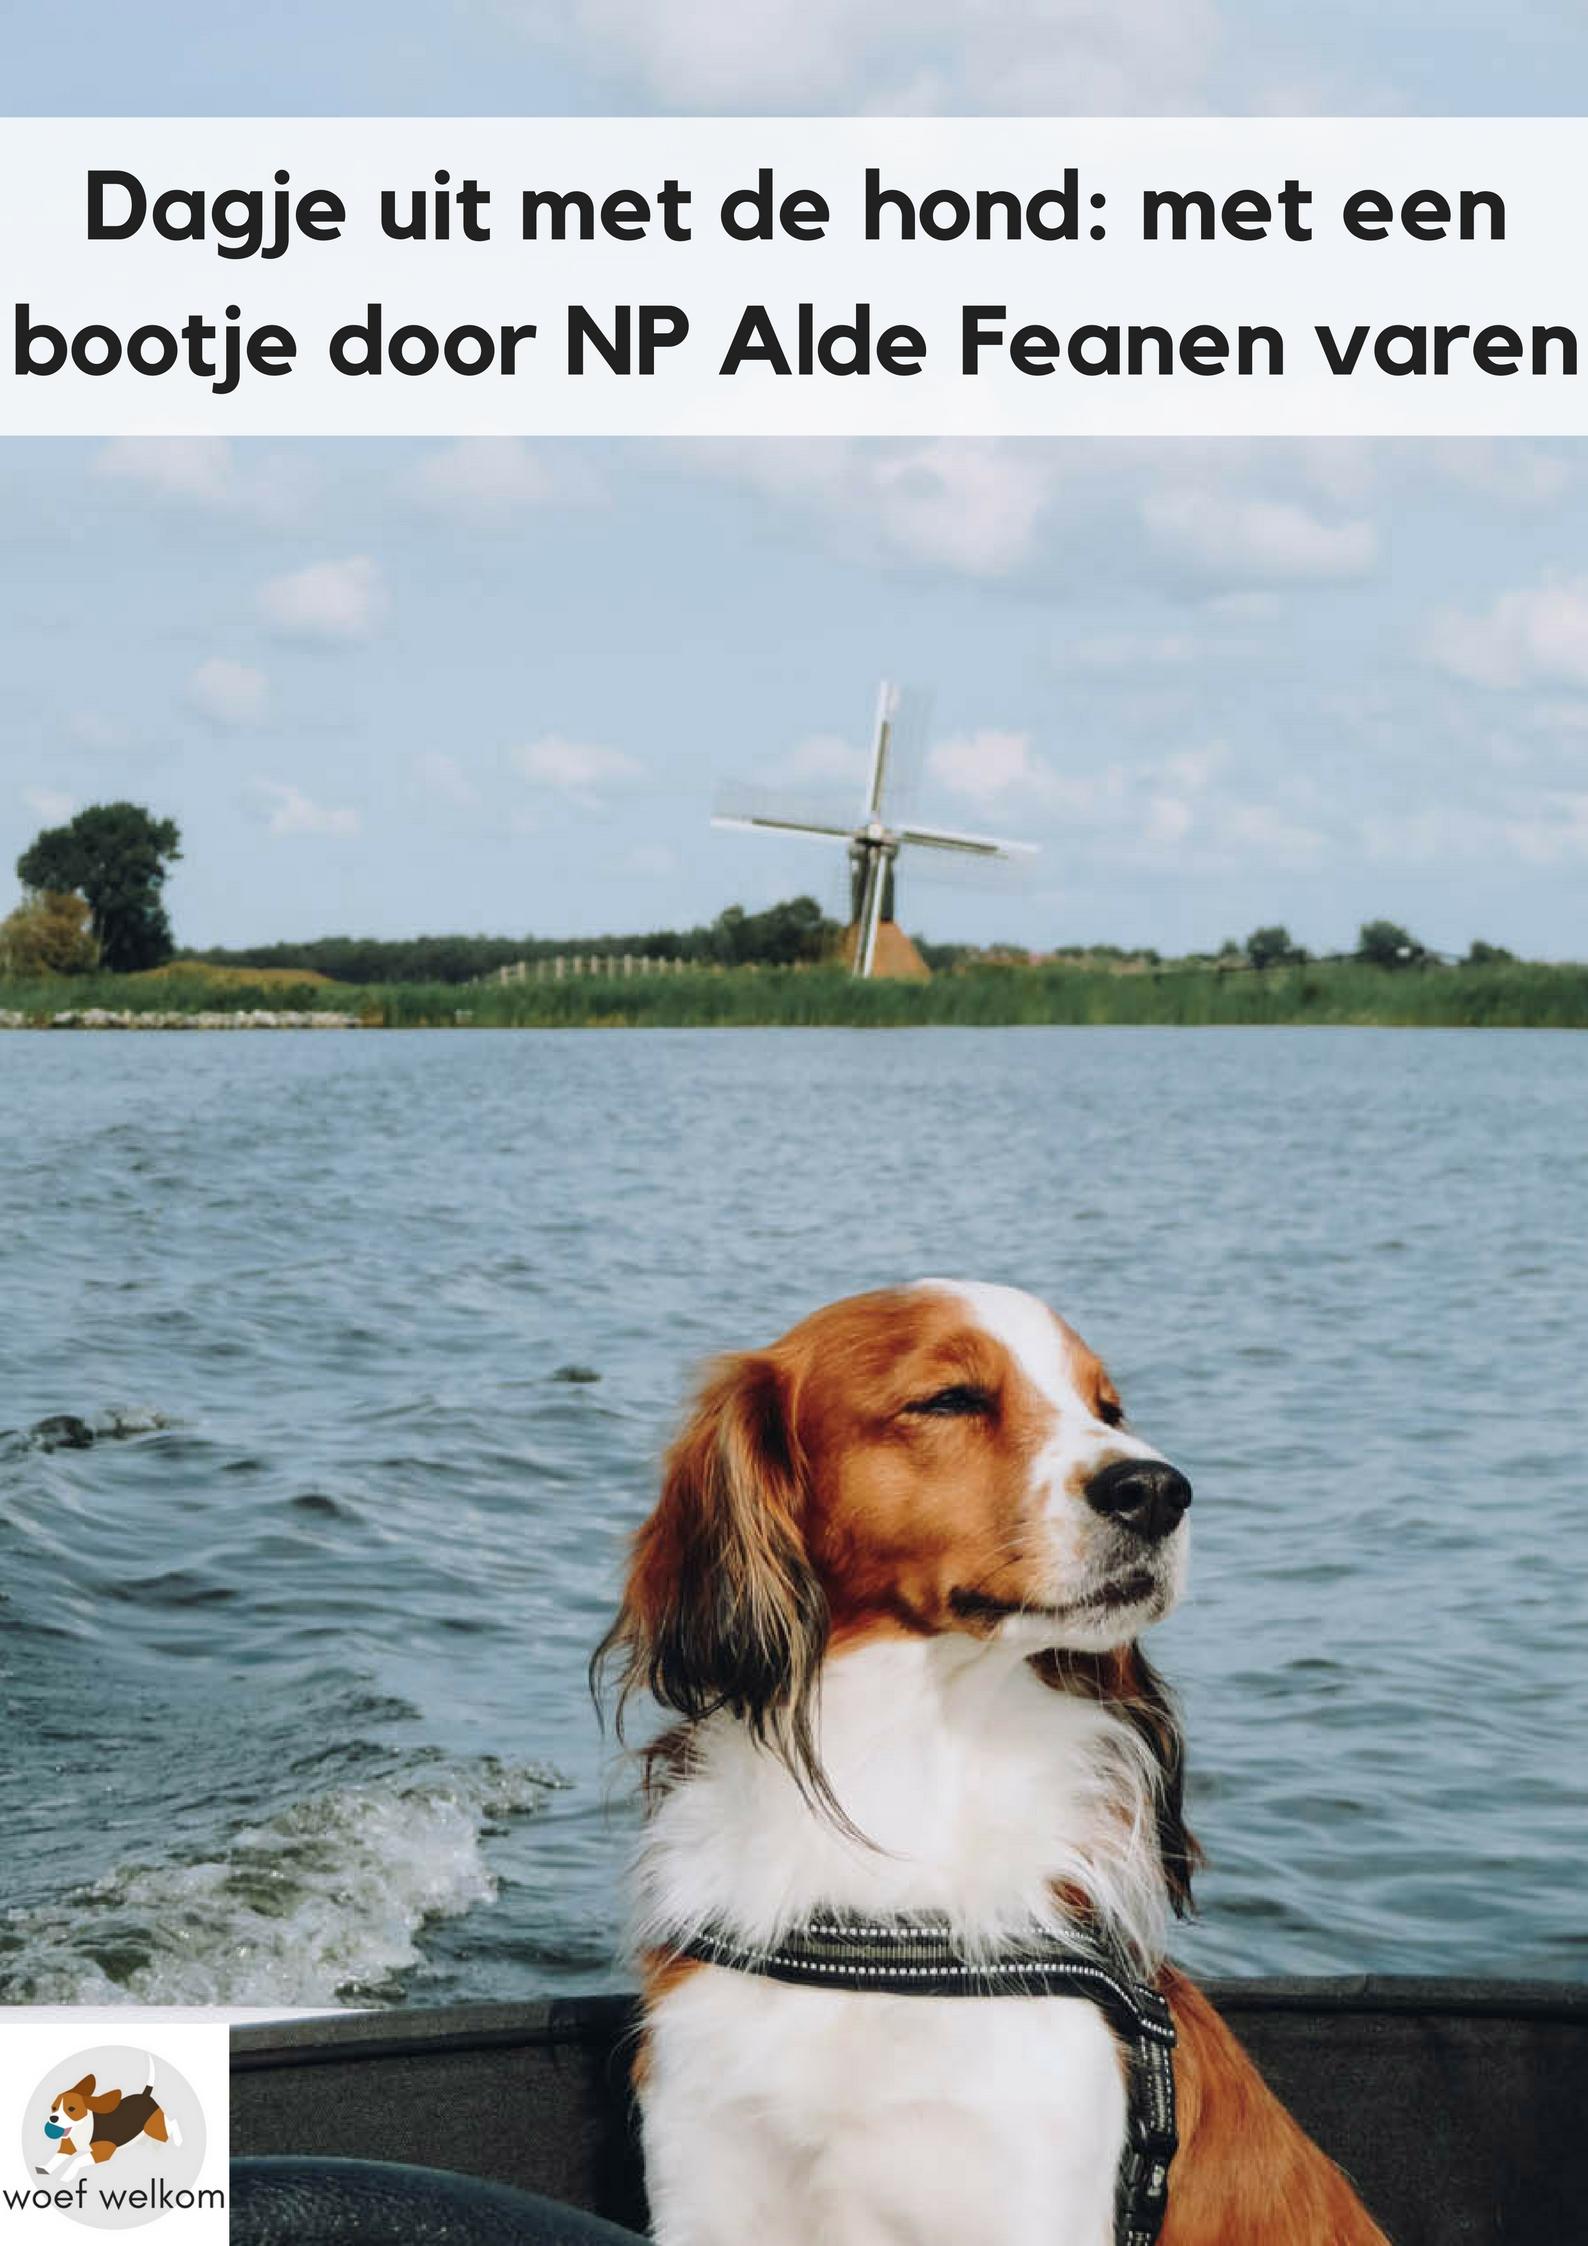 Dagje uit in Nederland, hond mee, bootje varen Alde Feanen, Friesland - Woef Welkom